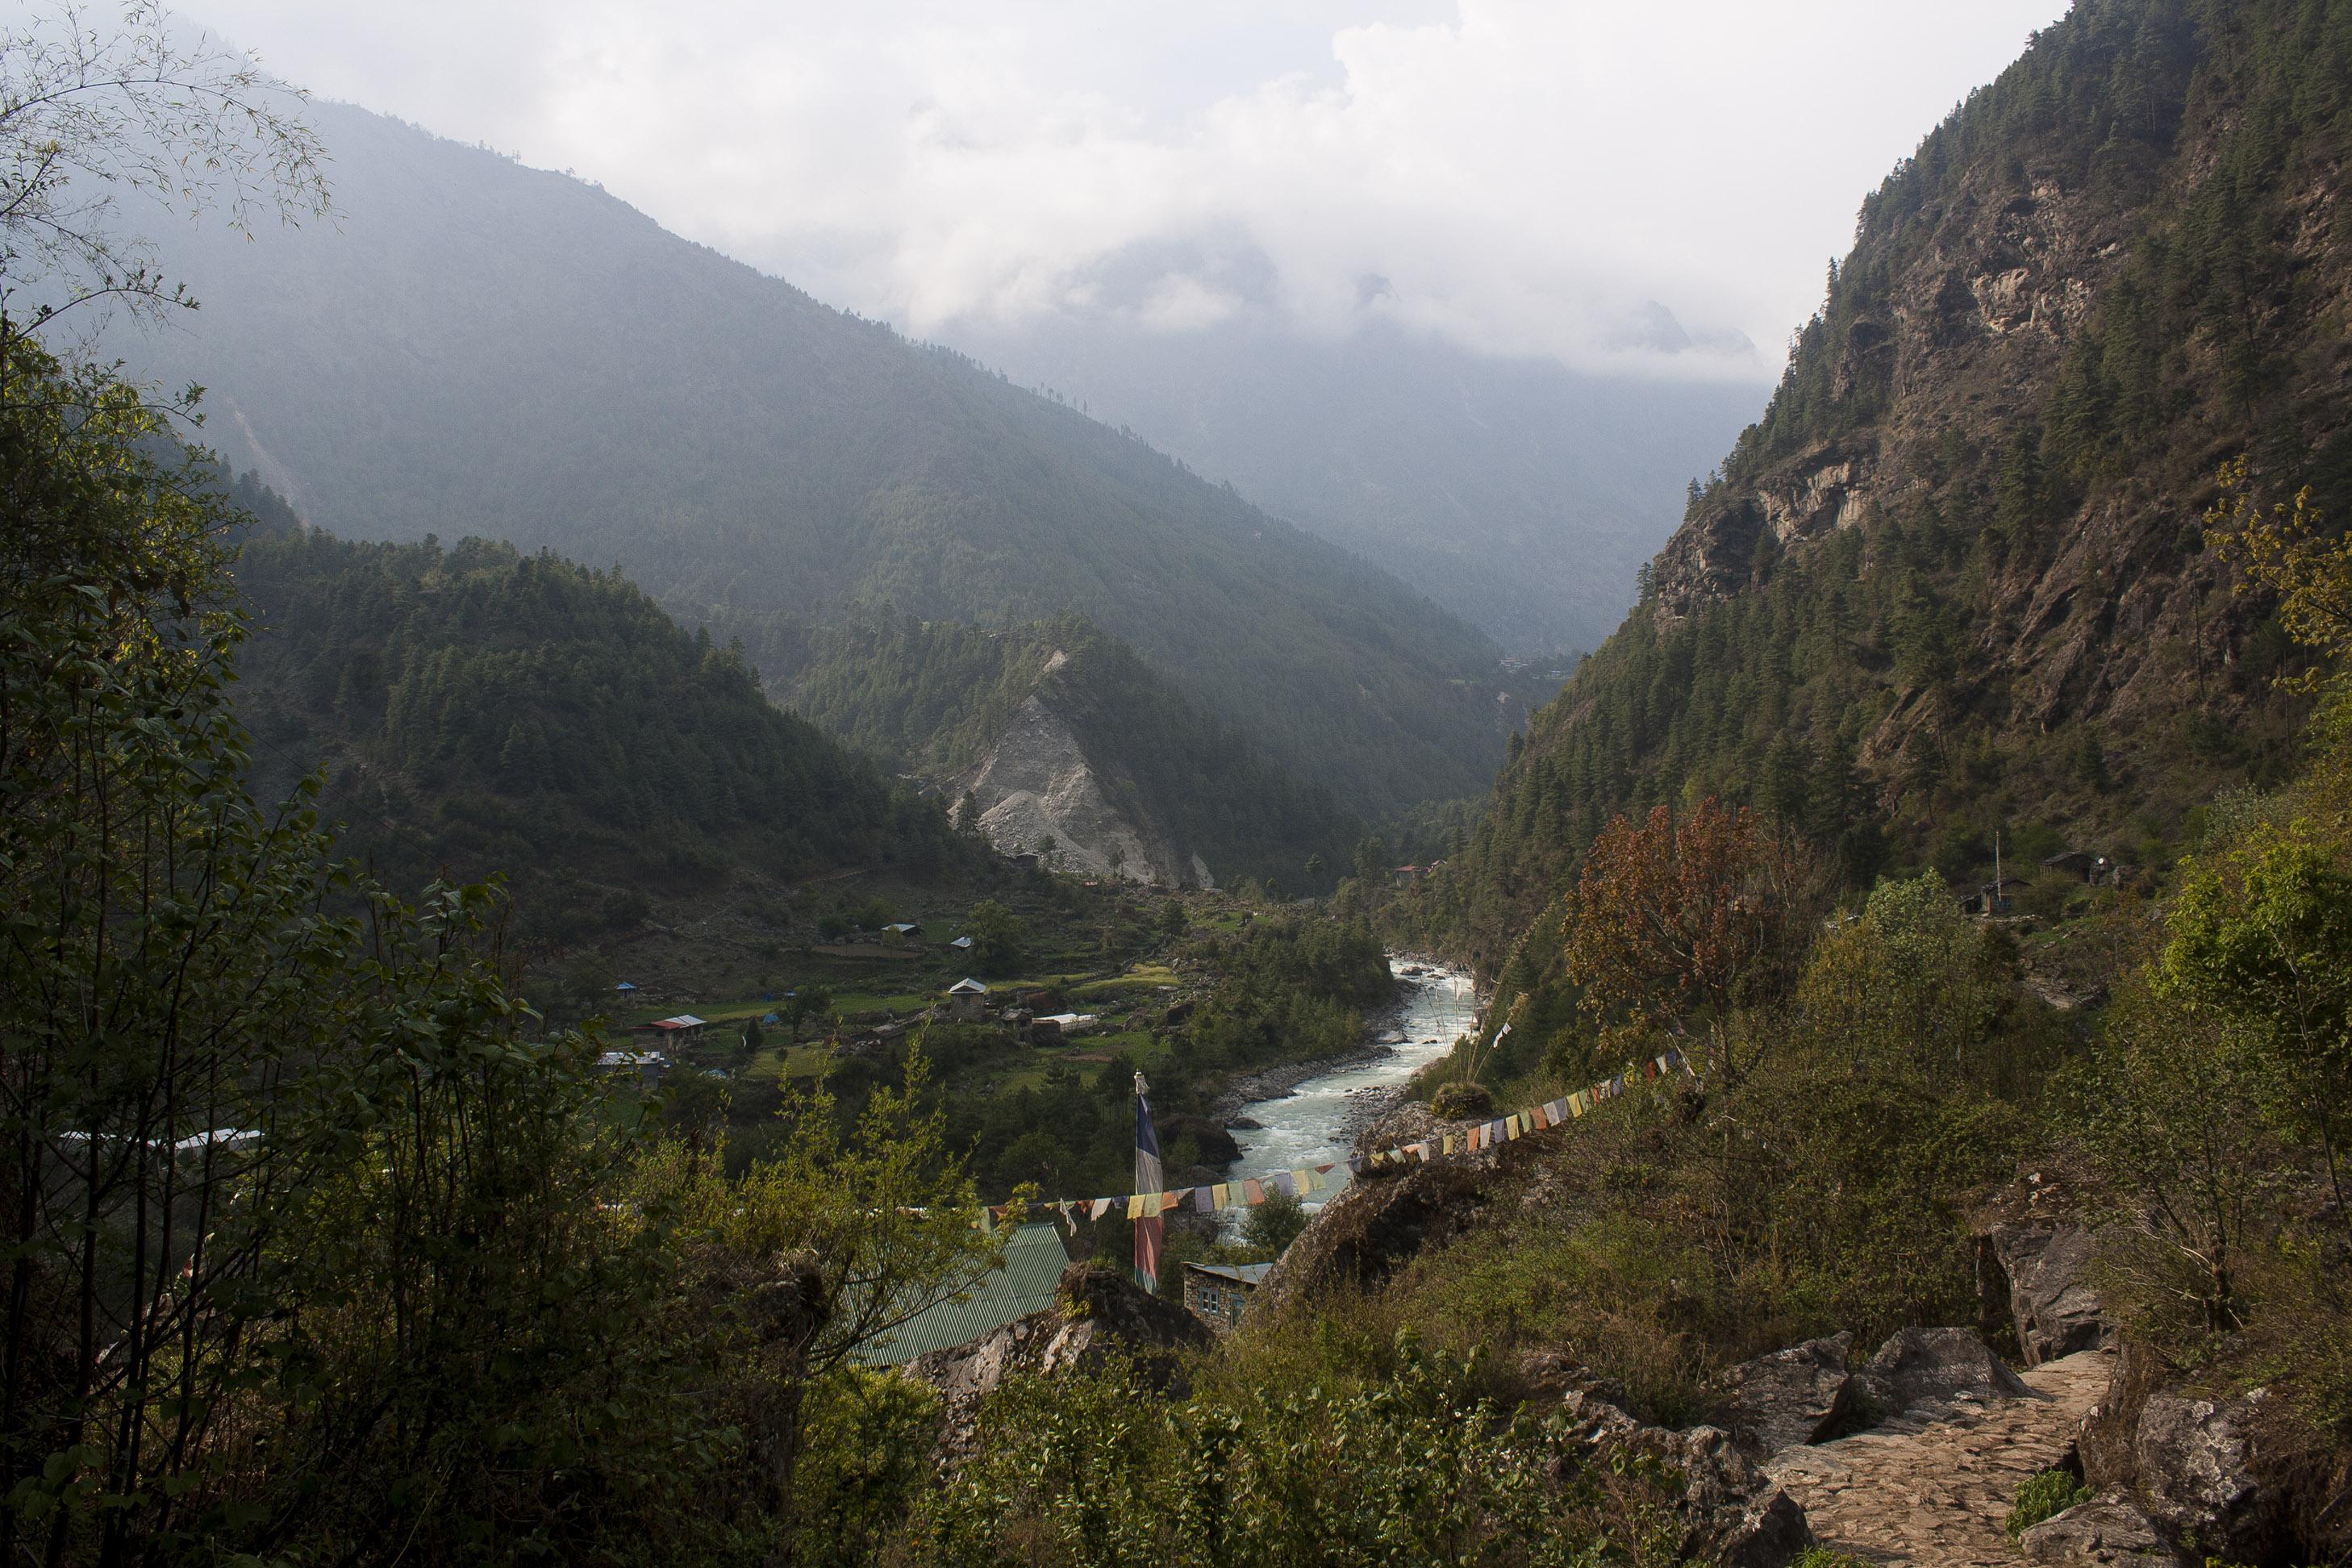 Trail_Towards_Namche_Bazaar